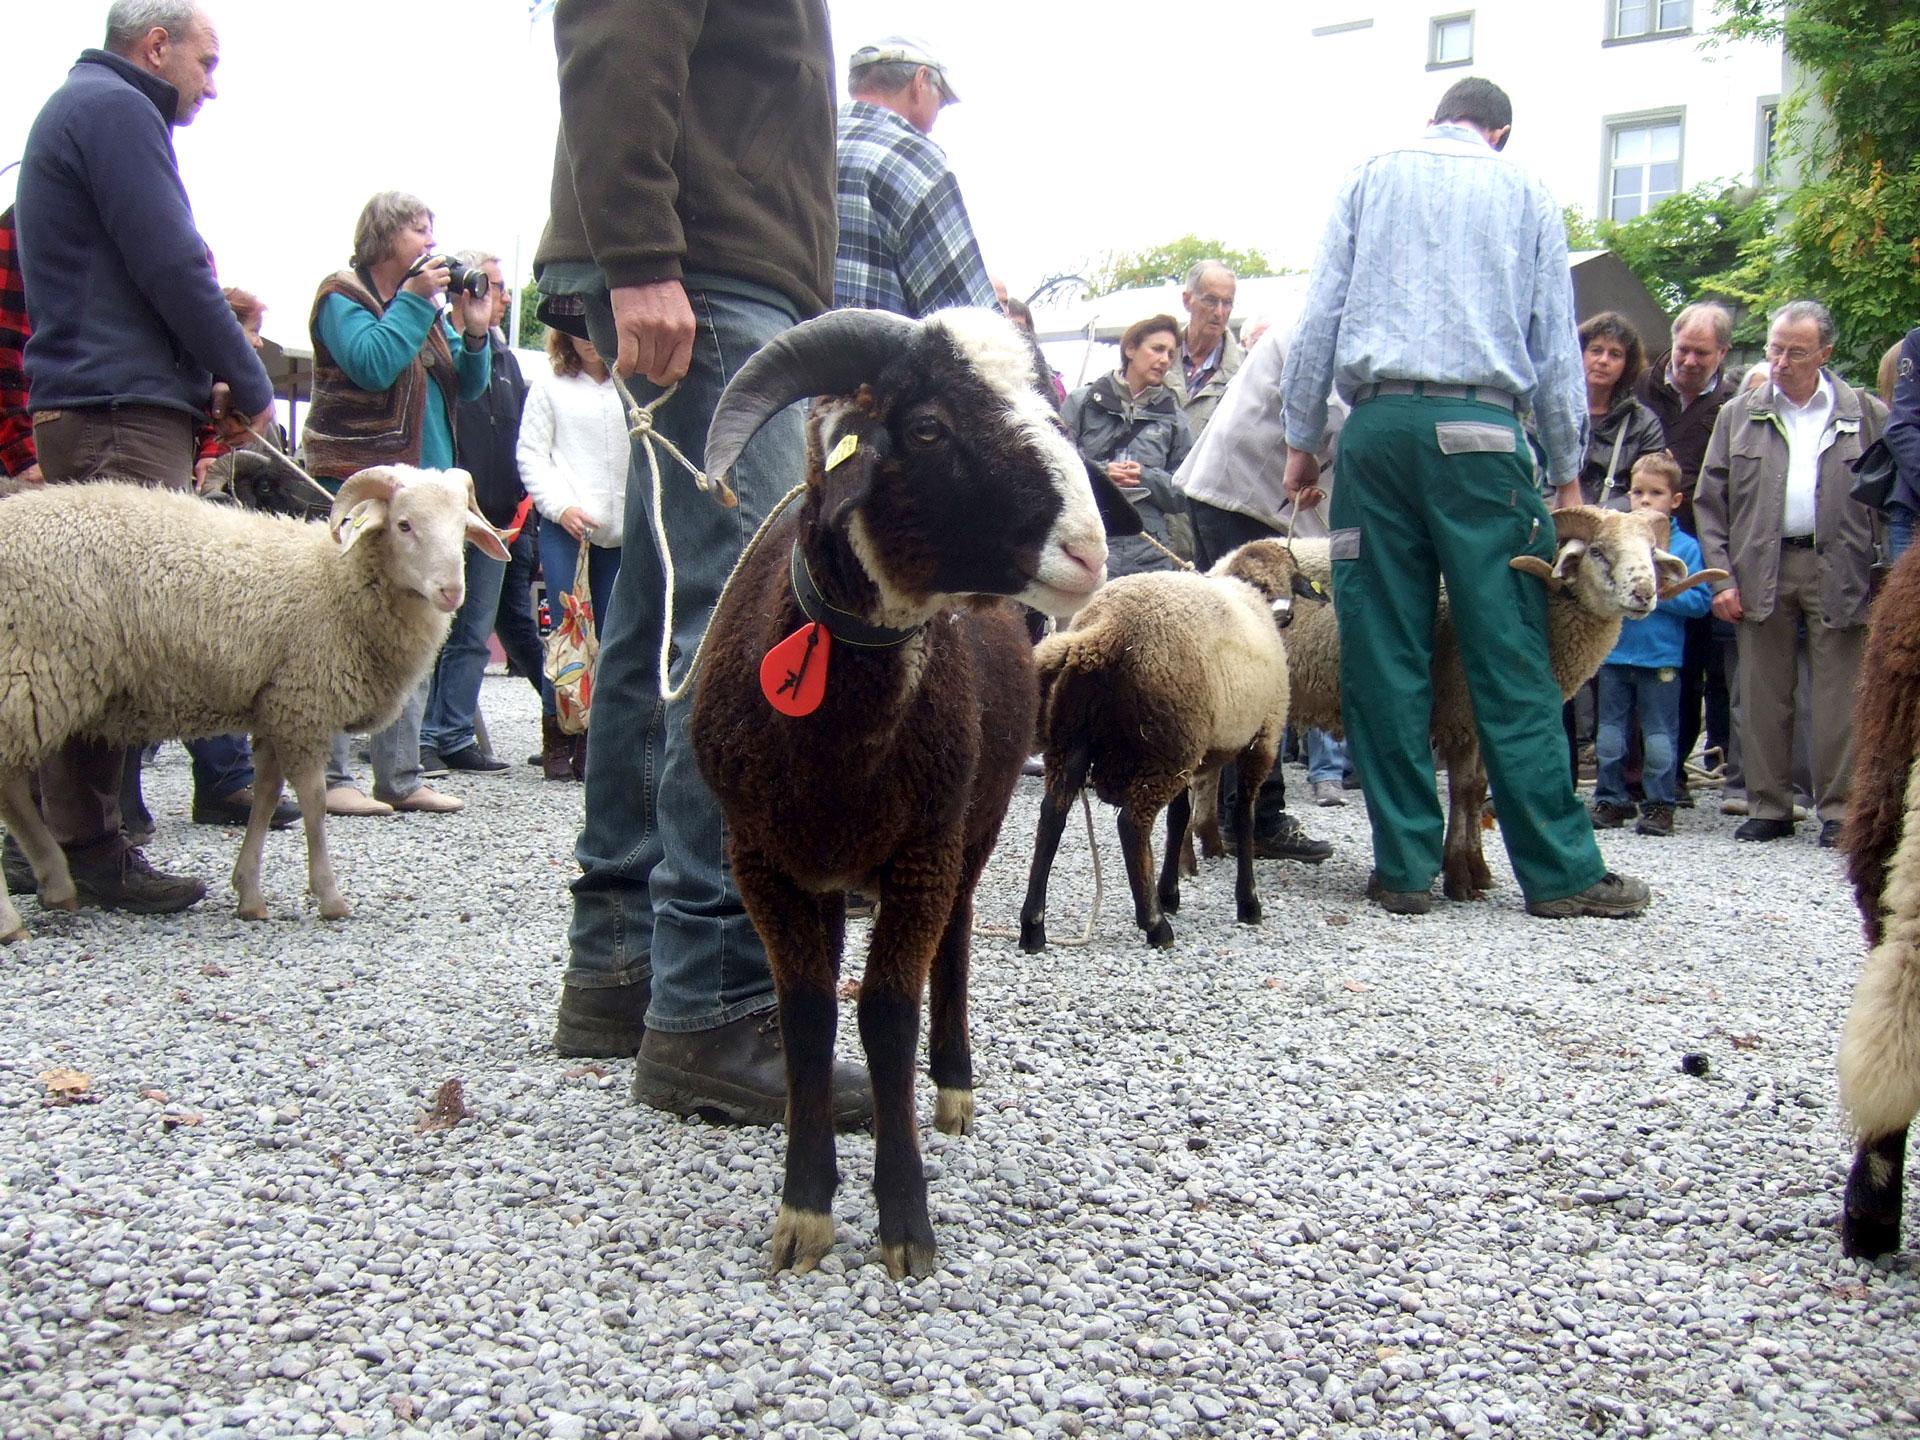 Wartegg_Herbstmarktfest19_Widder-Voting.jpg